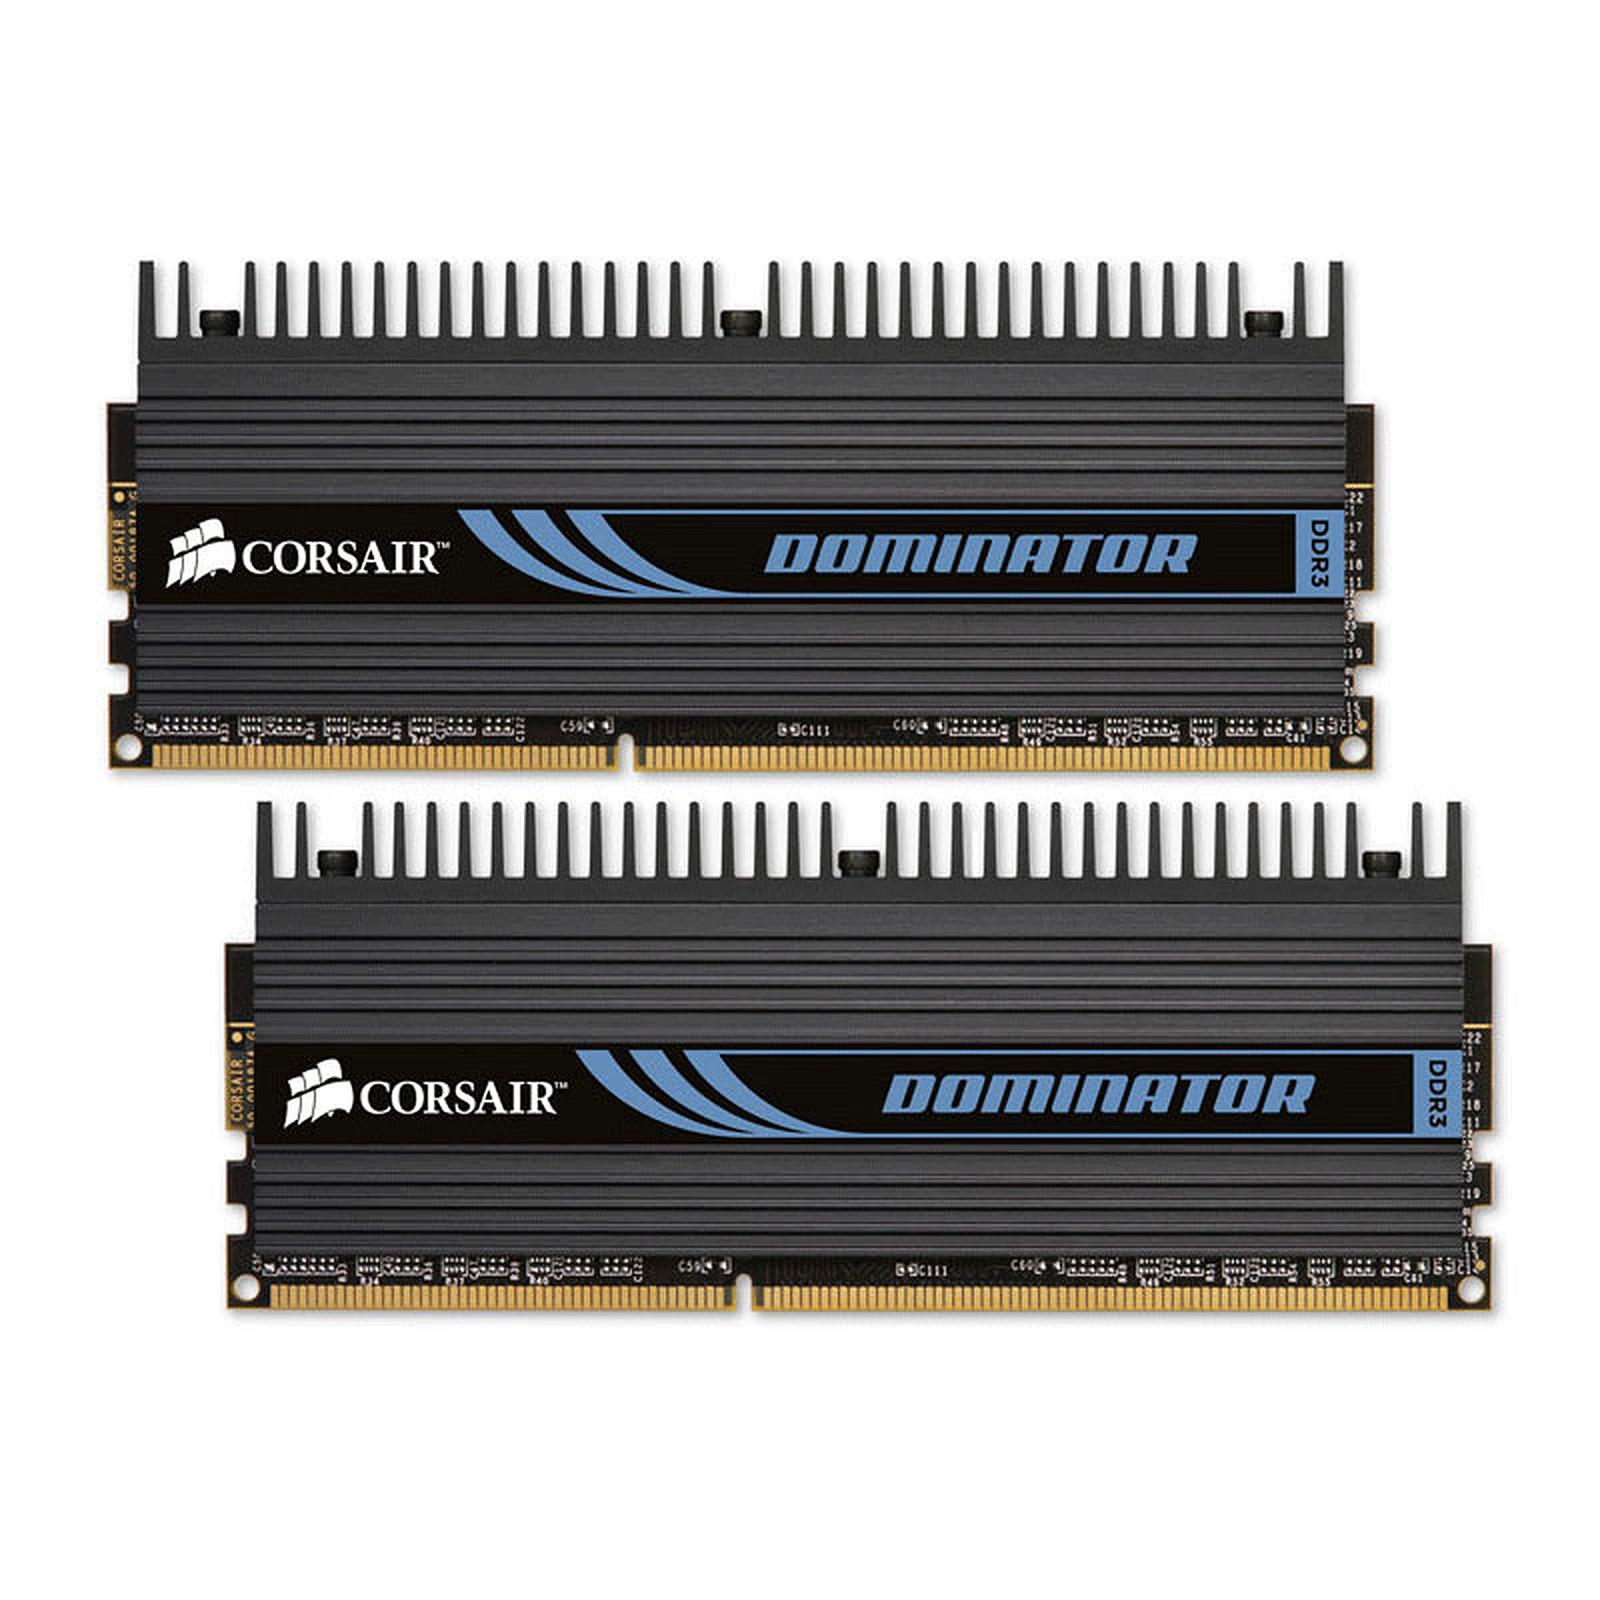 Corsair Dominator 16 Go (2x 8 Go) DDR3 1600 MHz CL10